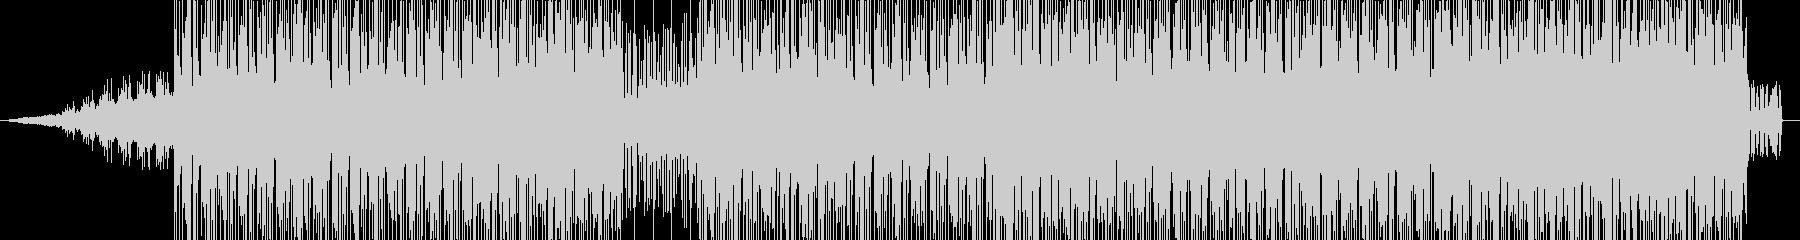 プログレッシブポップサウンドを使用...の未再生の波形